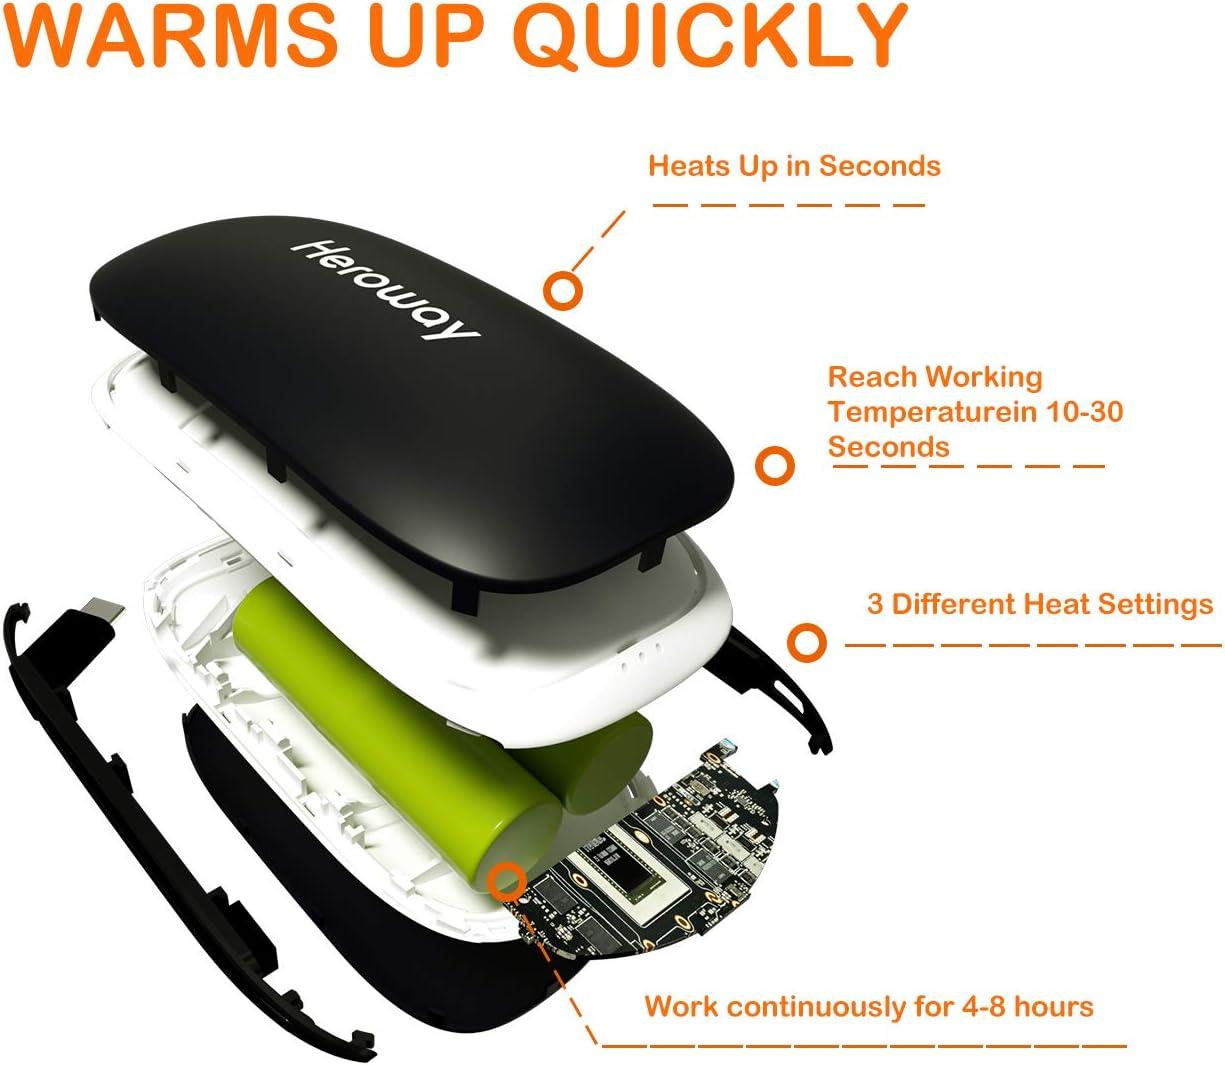 Calientamanos Recargables 5200mAh USB Banco de Energ/ía Calentadores Mano El/éctricos Calentador Bolsillo Calefactor de Manos Negro Grandes Regalos para Exterior Calienta Manos Reutilizables